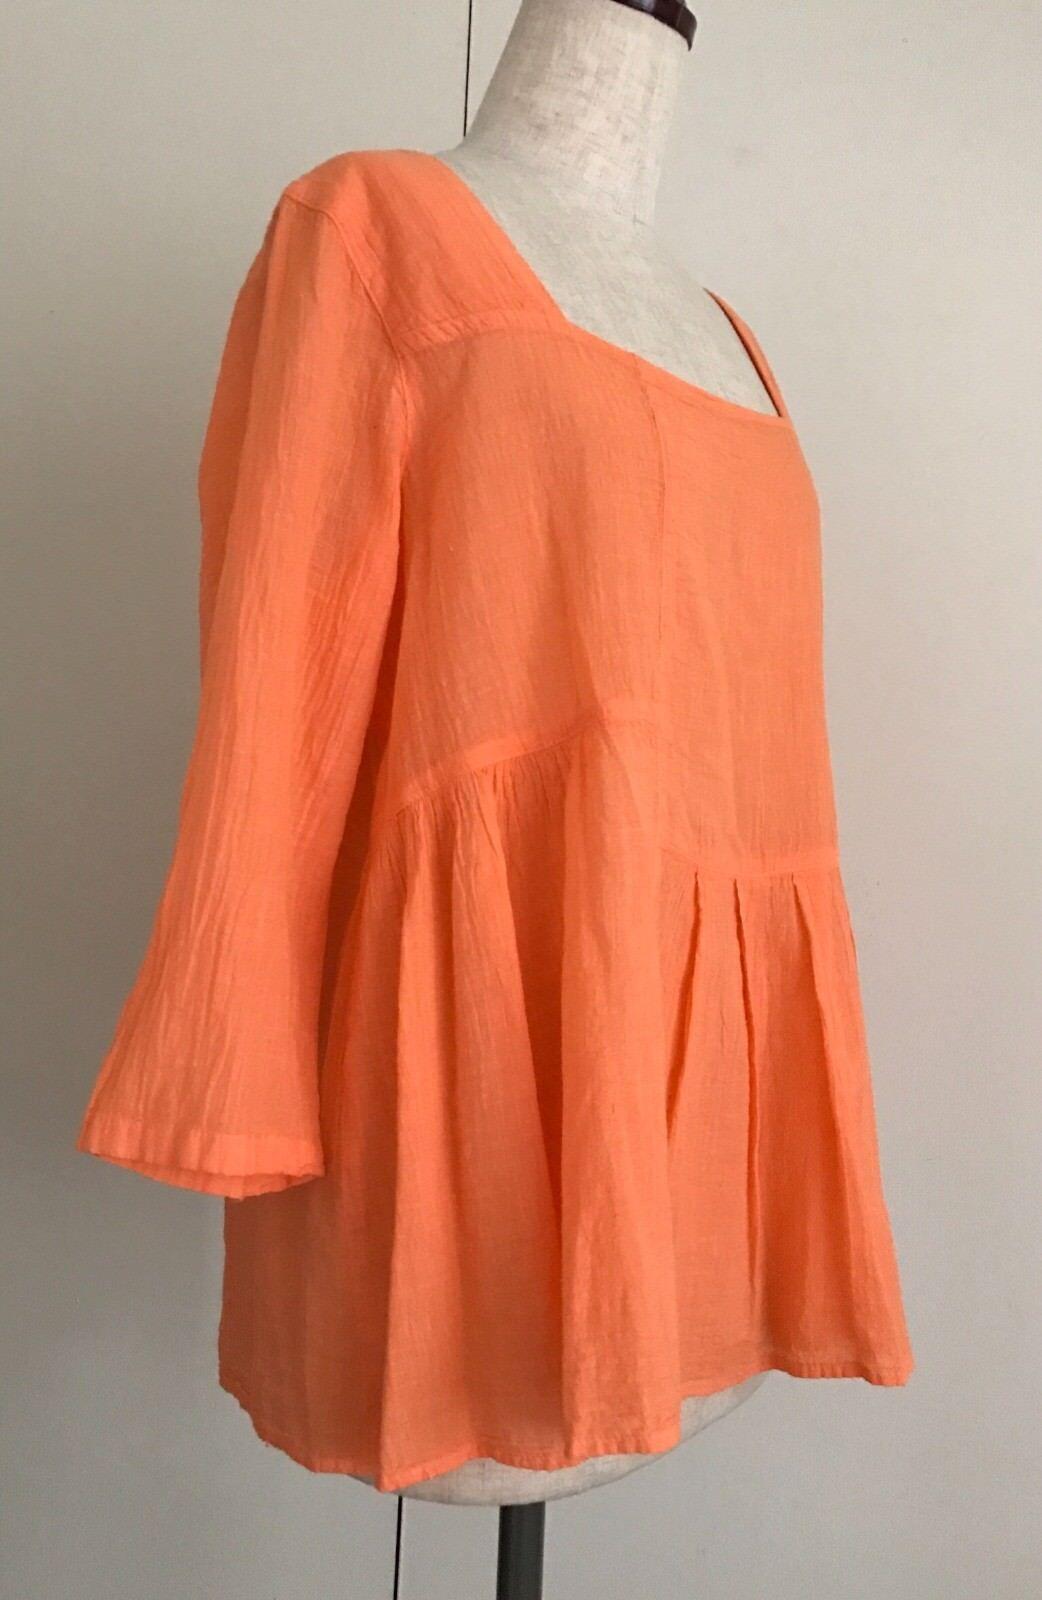 Sorbete de  Naranja Color Gasa Top Algodón Natural Muy Cómodo Y Lindo   ¡No dudes! ¡Compra ahora!